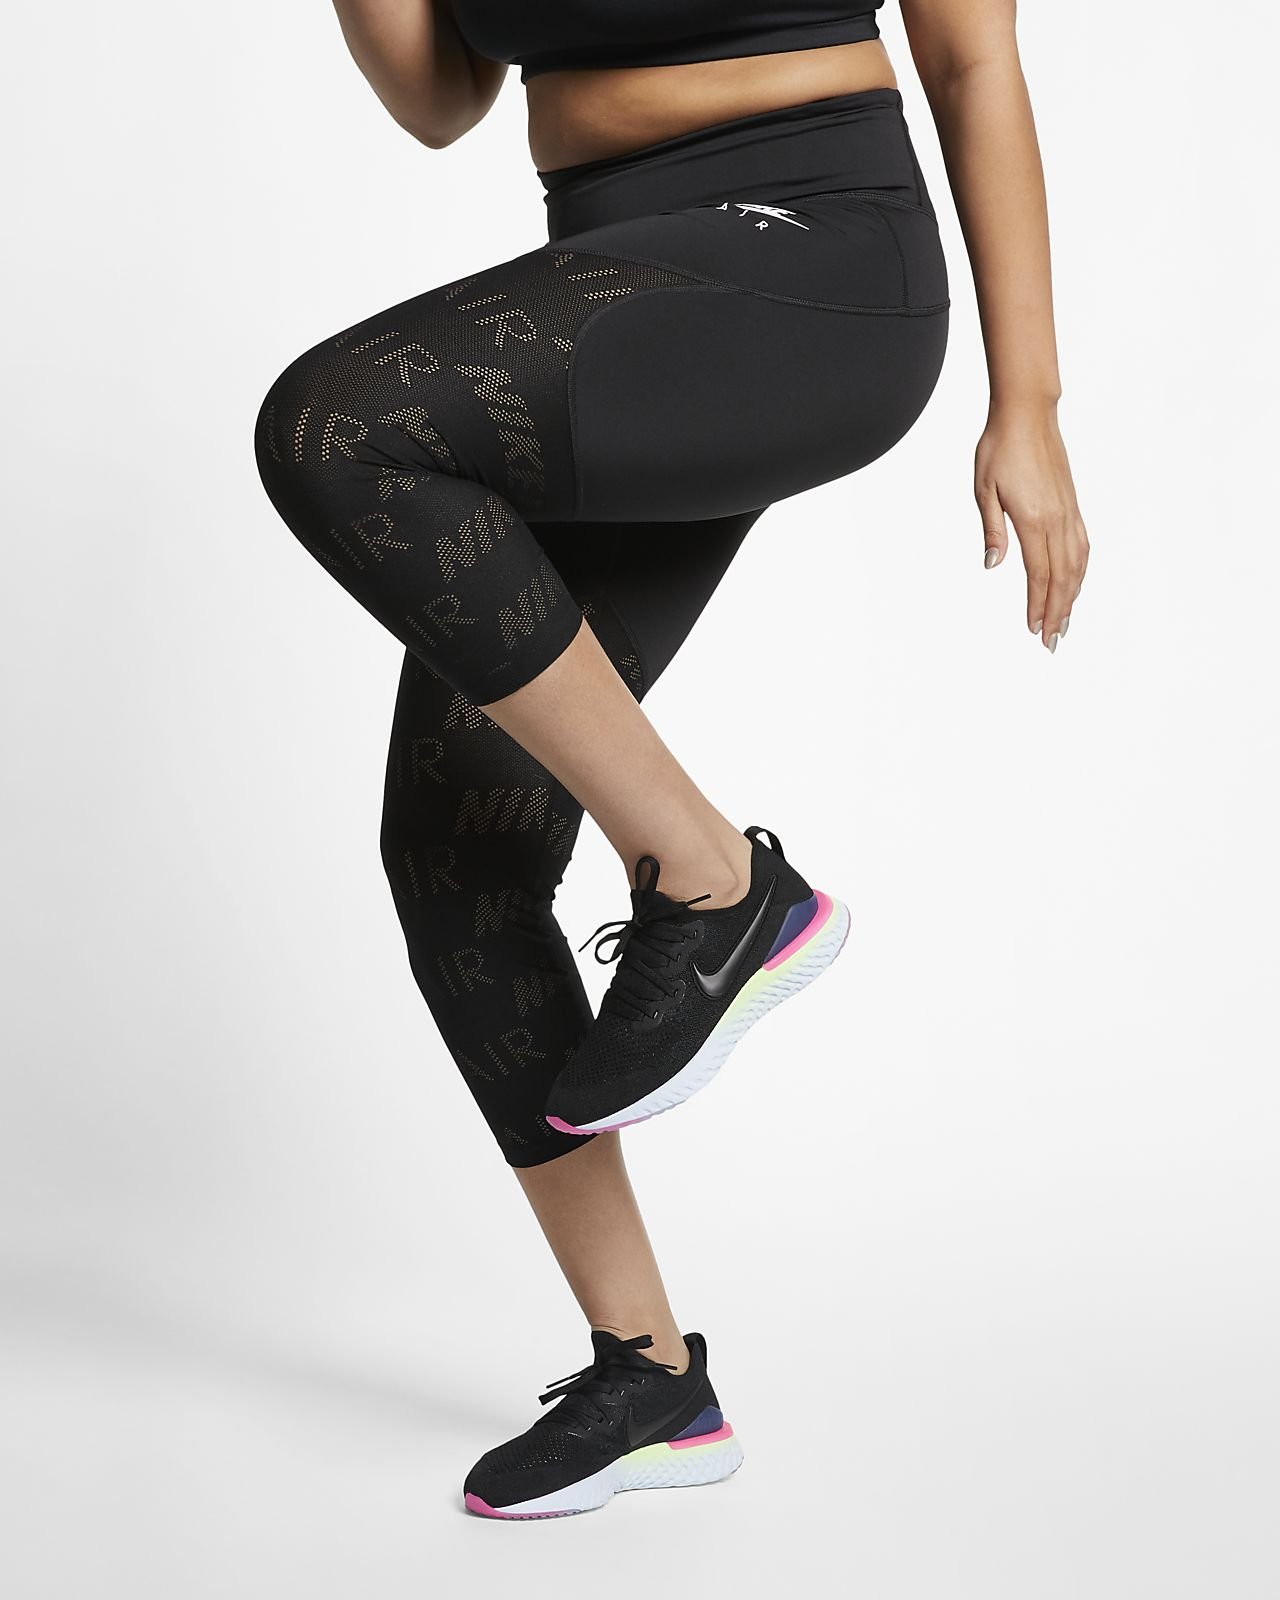 Löpartights Nike Air Fast för kvinnor (stora storlekar)